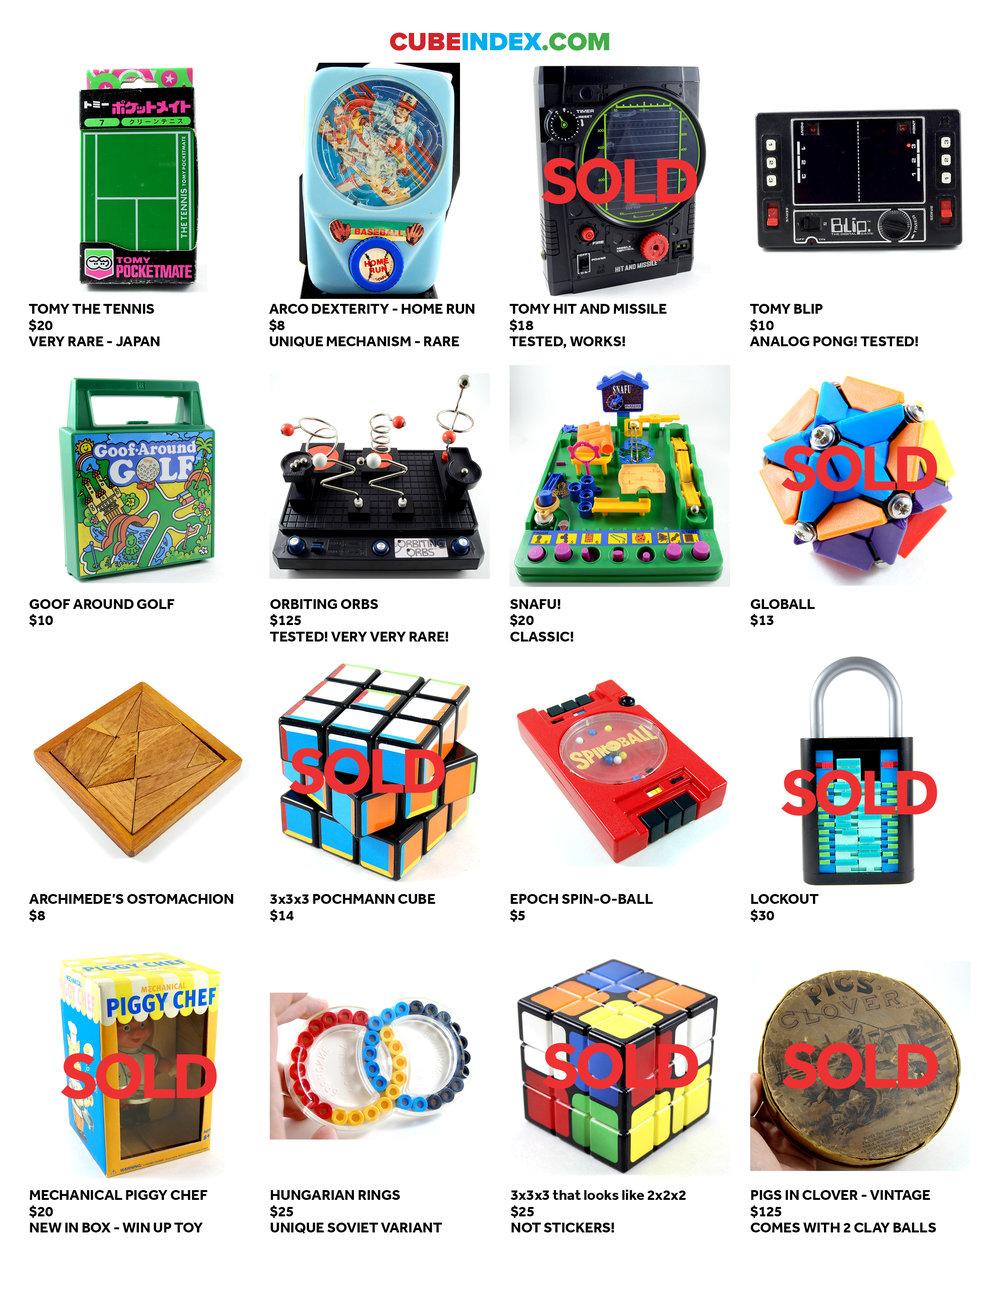 cube-index-for-sale-catalog-april-2017-v513.jpg